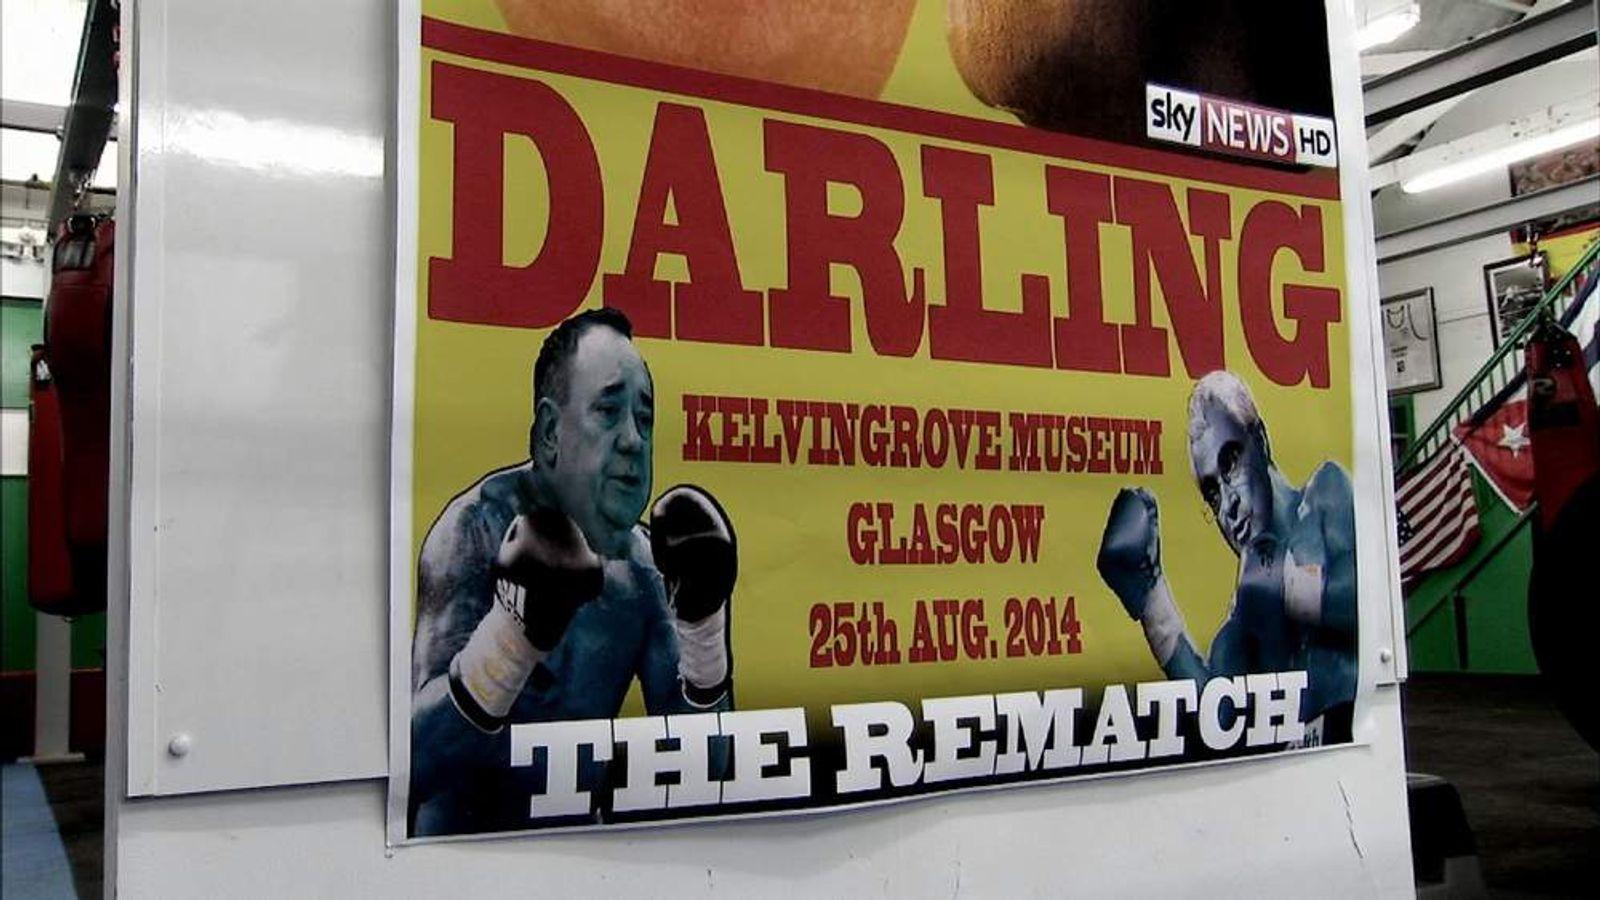 Scottish referendum debate rematch